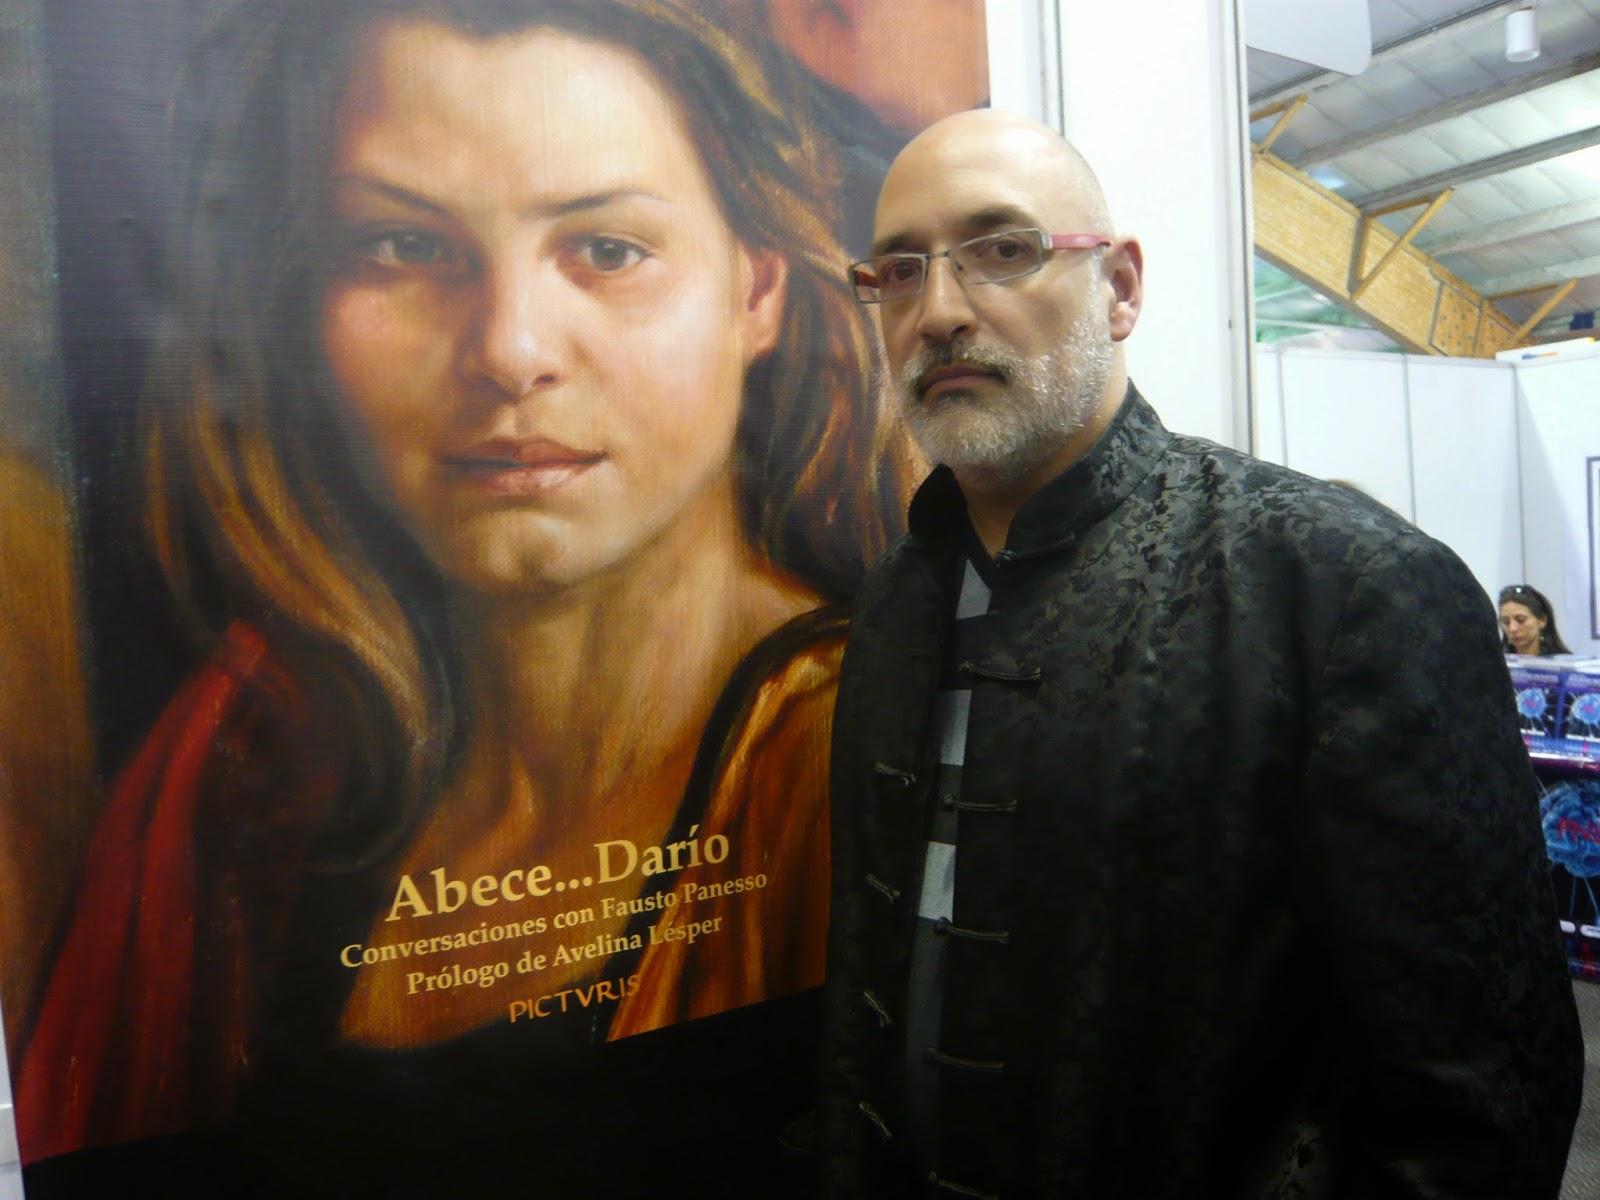 Darío Ortiz